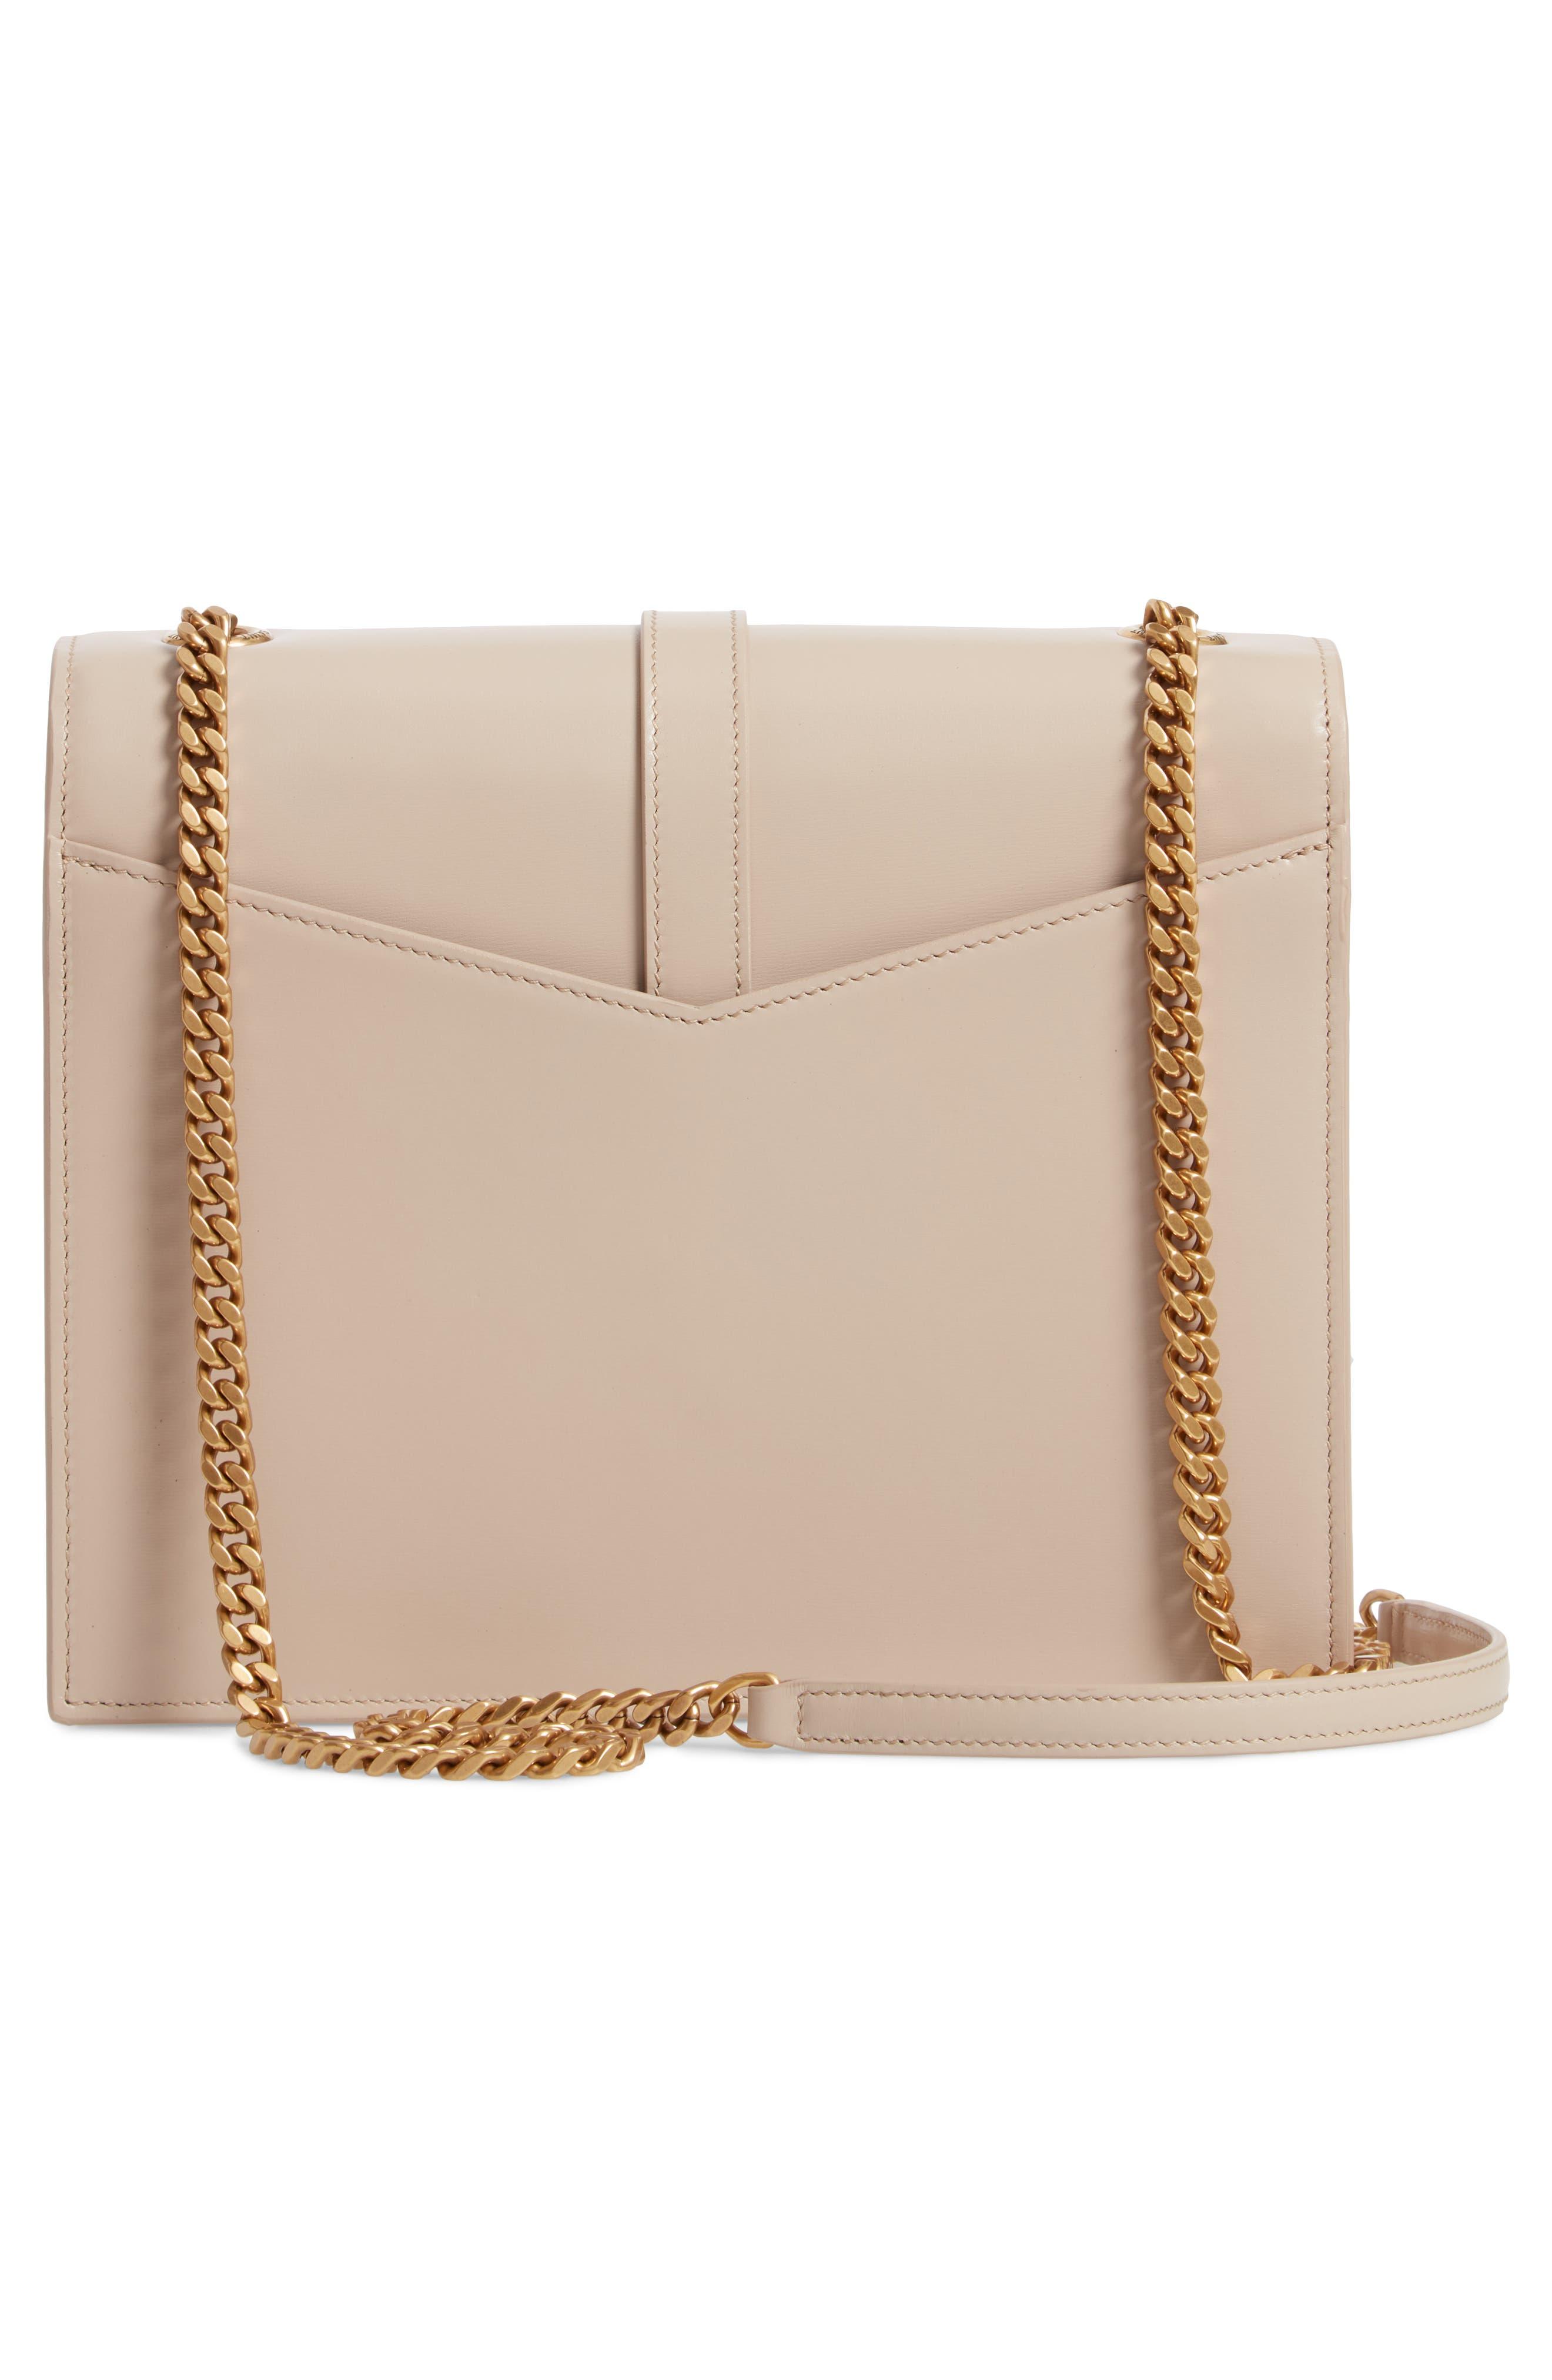 Sulpice Leather Shoulder Bag,                             Alternate thumbnail 3, color,                             LIGHT NATURAL